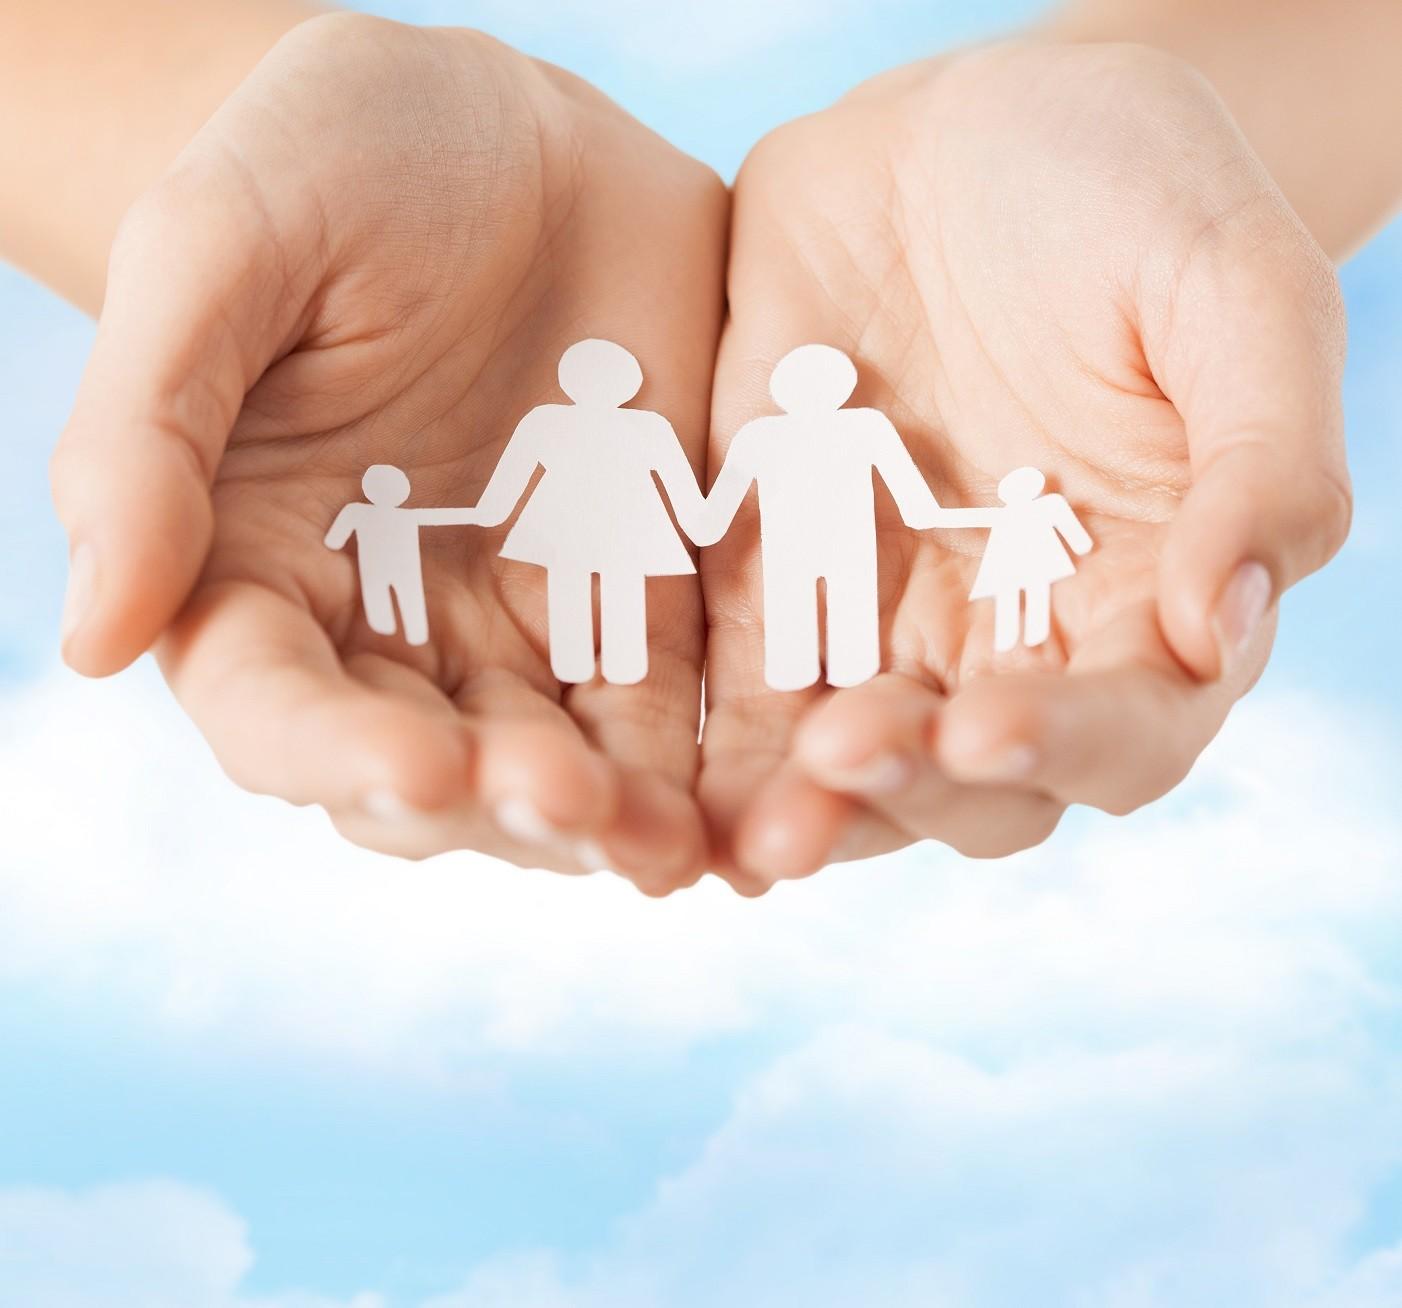 Οικογενειακός Προγραμματισμός και Οικογενειακή Συμβουλευτική